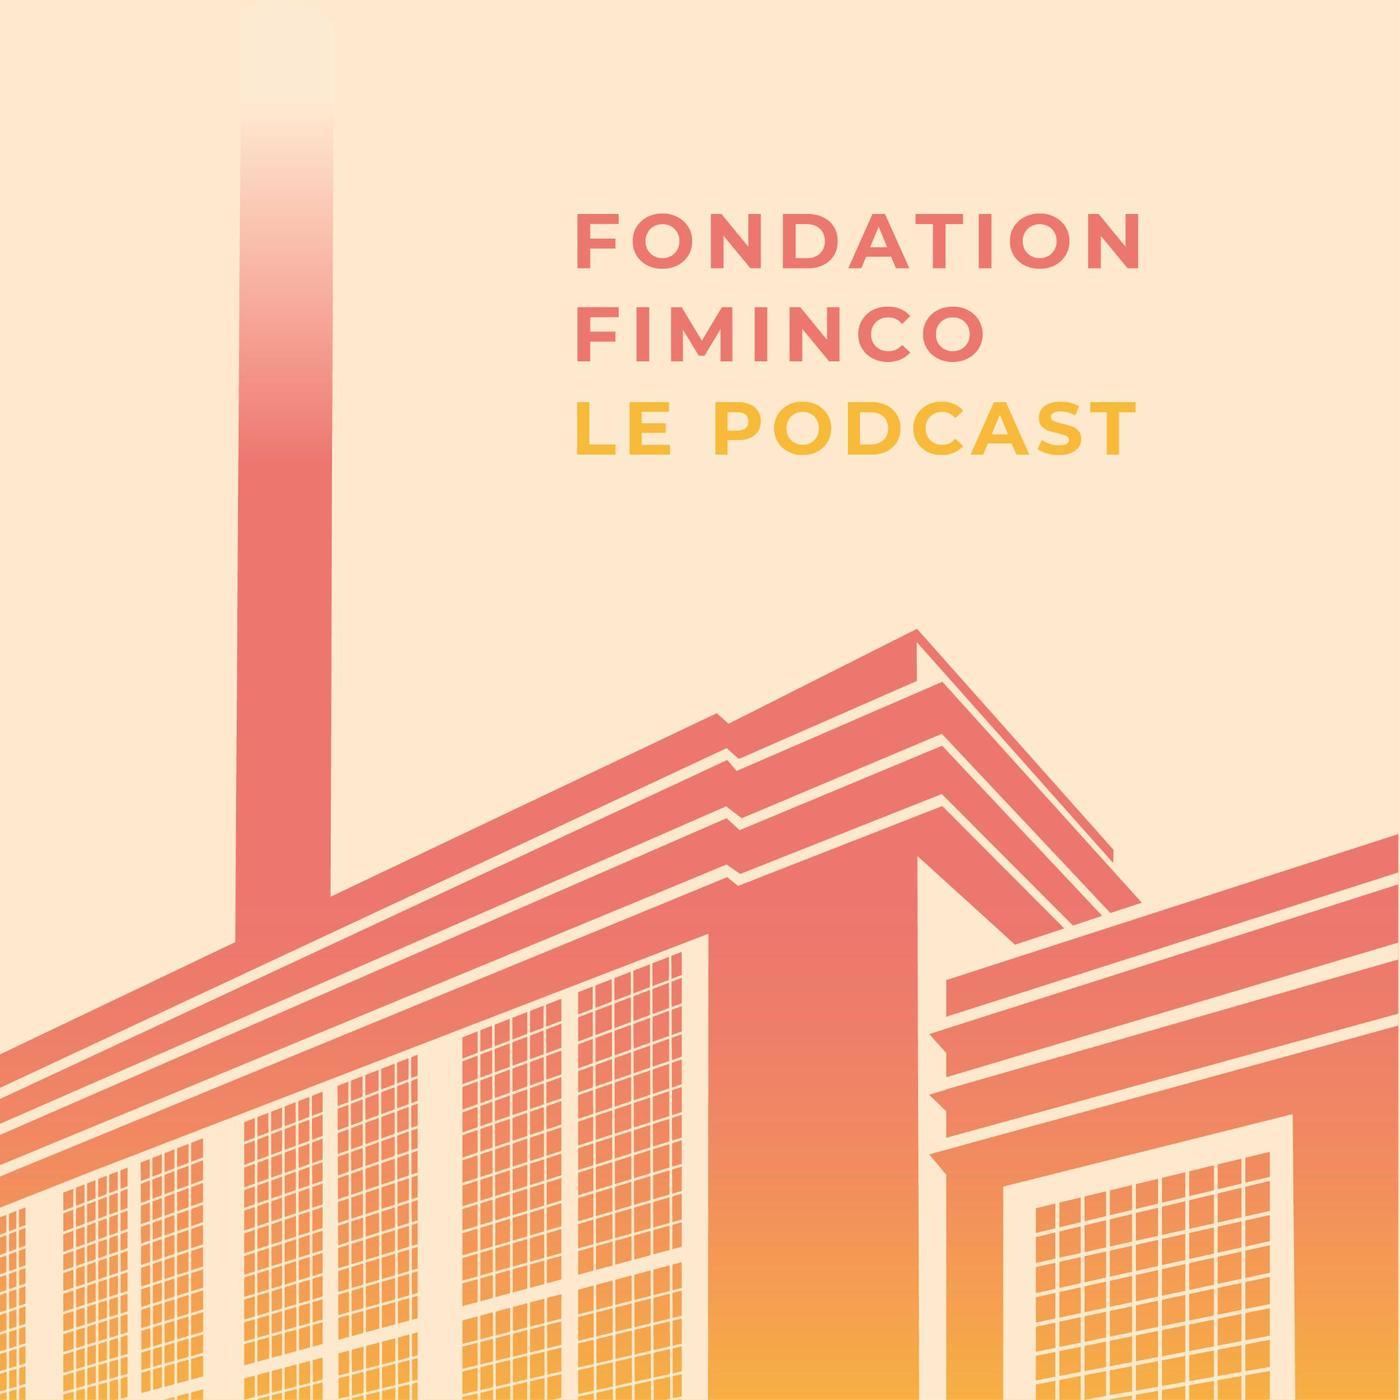 Fondation Fiminco, le podcast